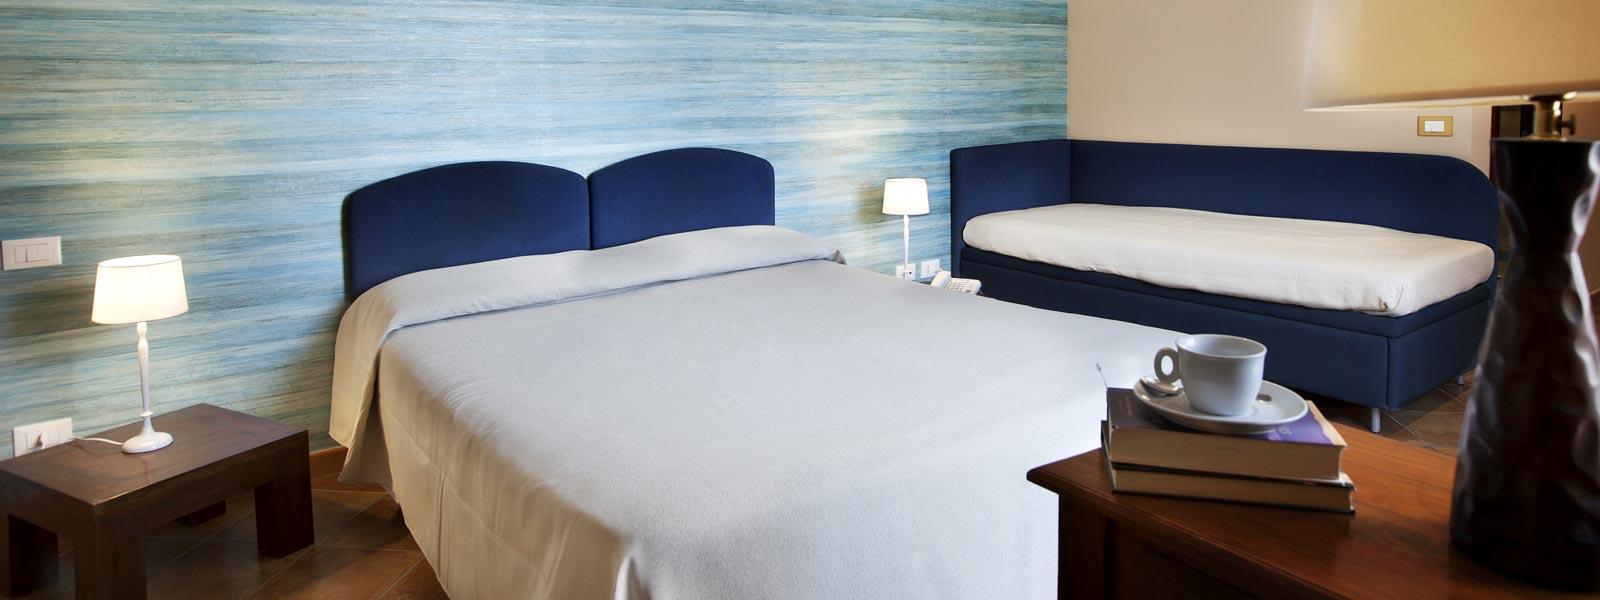 Favignana_Hotel_Isole-Egadi-8169